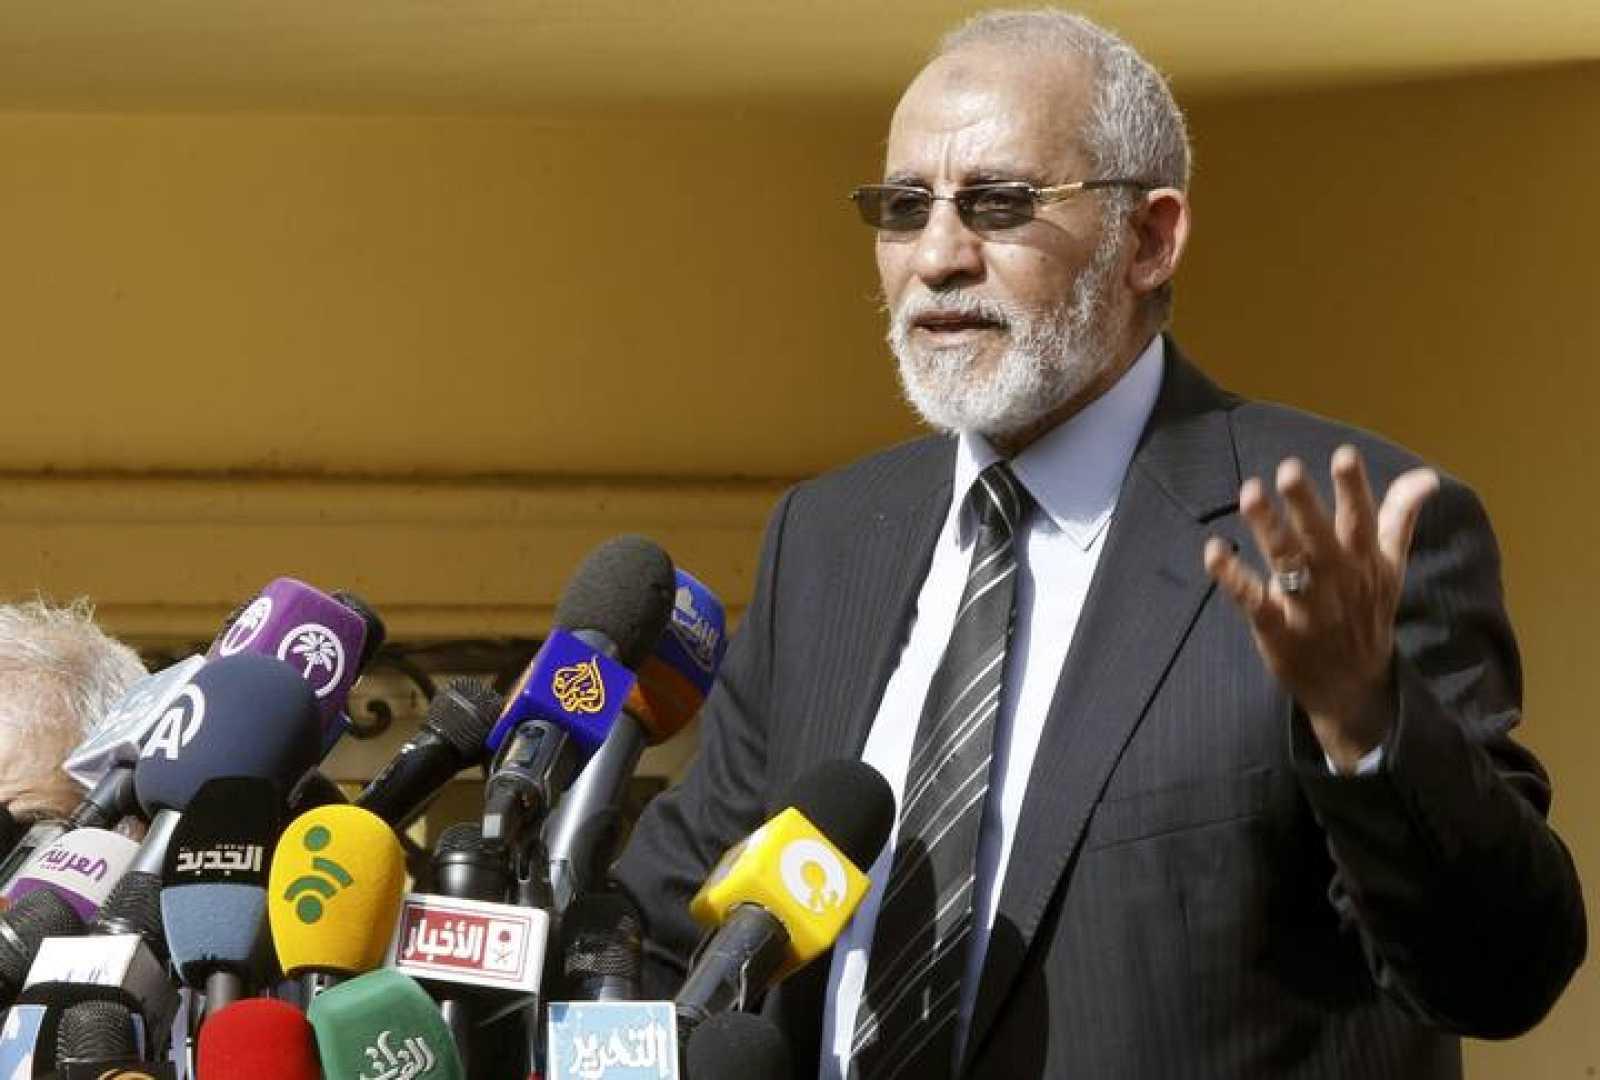 Imagen de archivo de Mohamed Badie, líder de los Hermanos Musulmanes detenido en la madrugada de este martes en Ciudad Nasr, Egipto